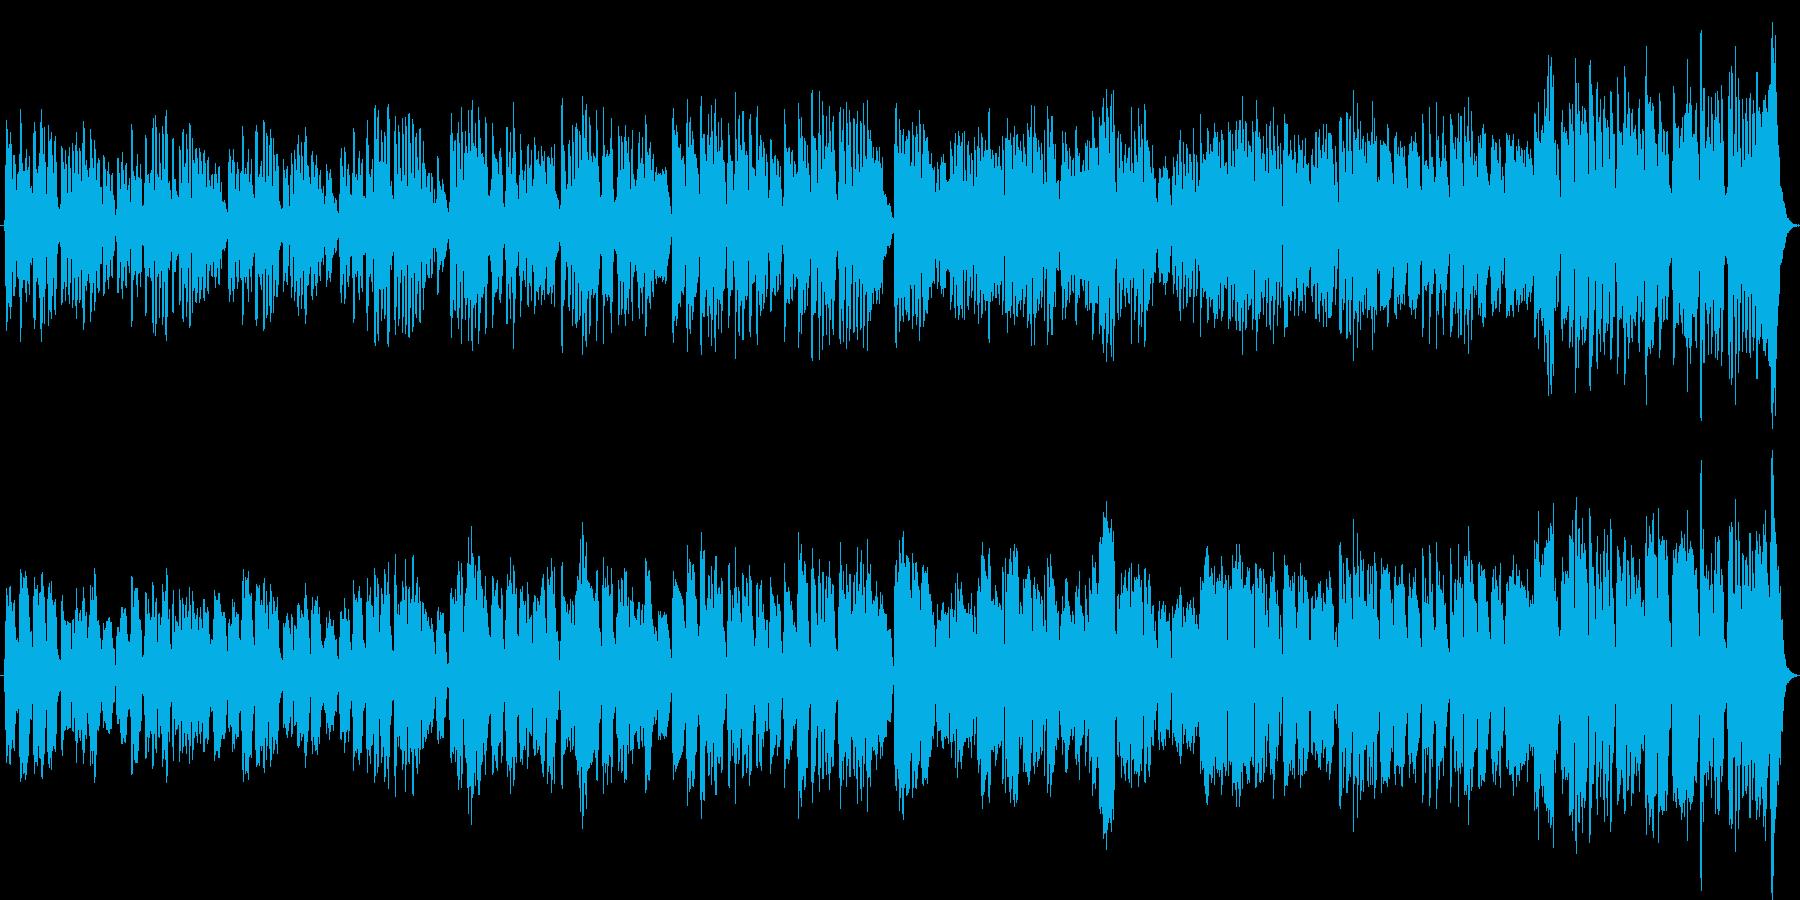 木管四重奏オリジナルバロック曲英国庭園風の再生済みの波形